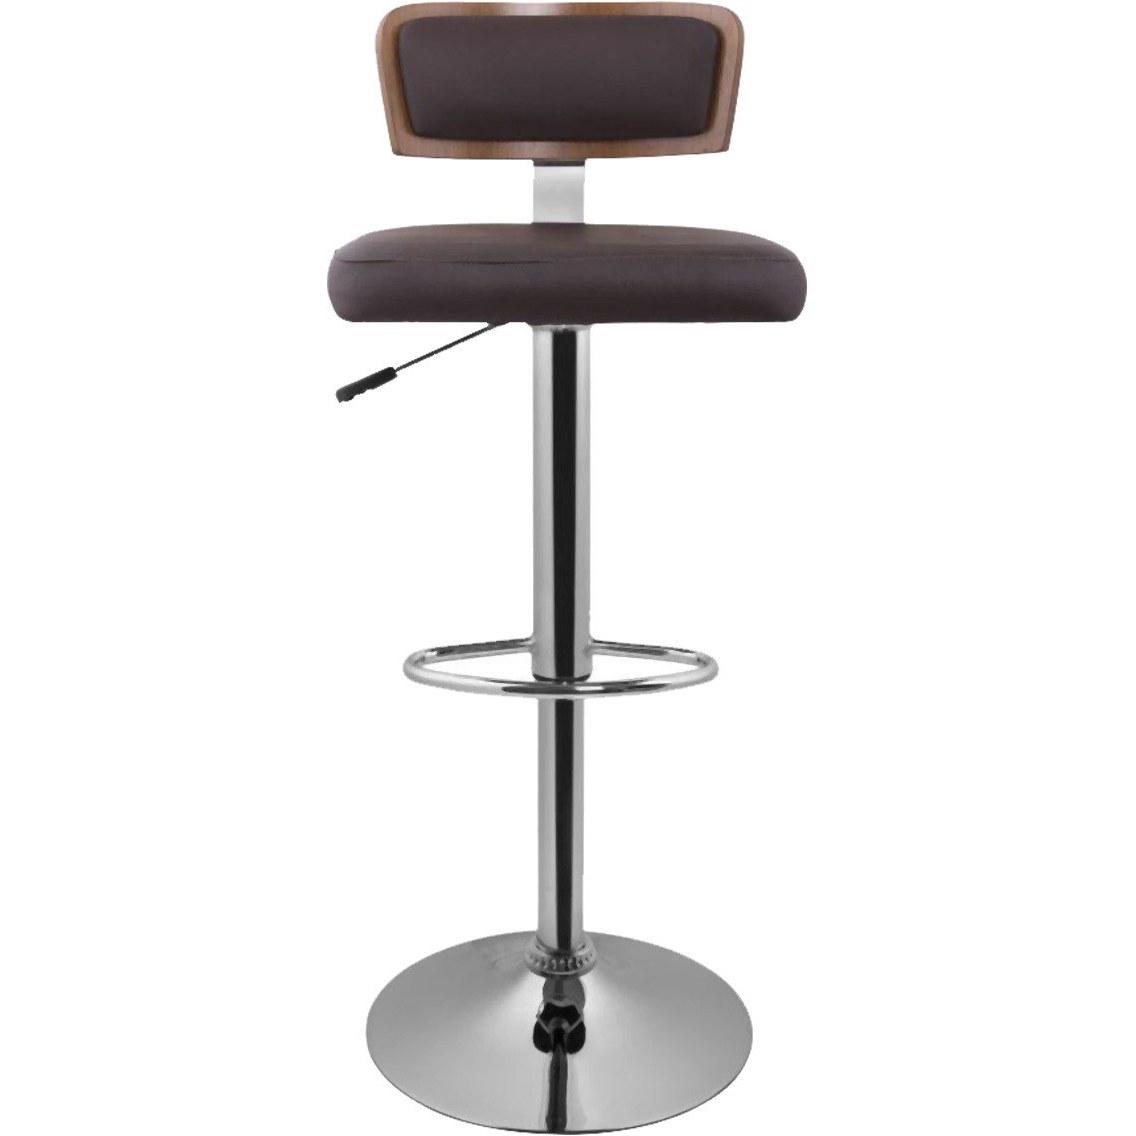 صندلی اپن اپن تاپ 2010 با روکش چرم